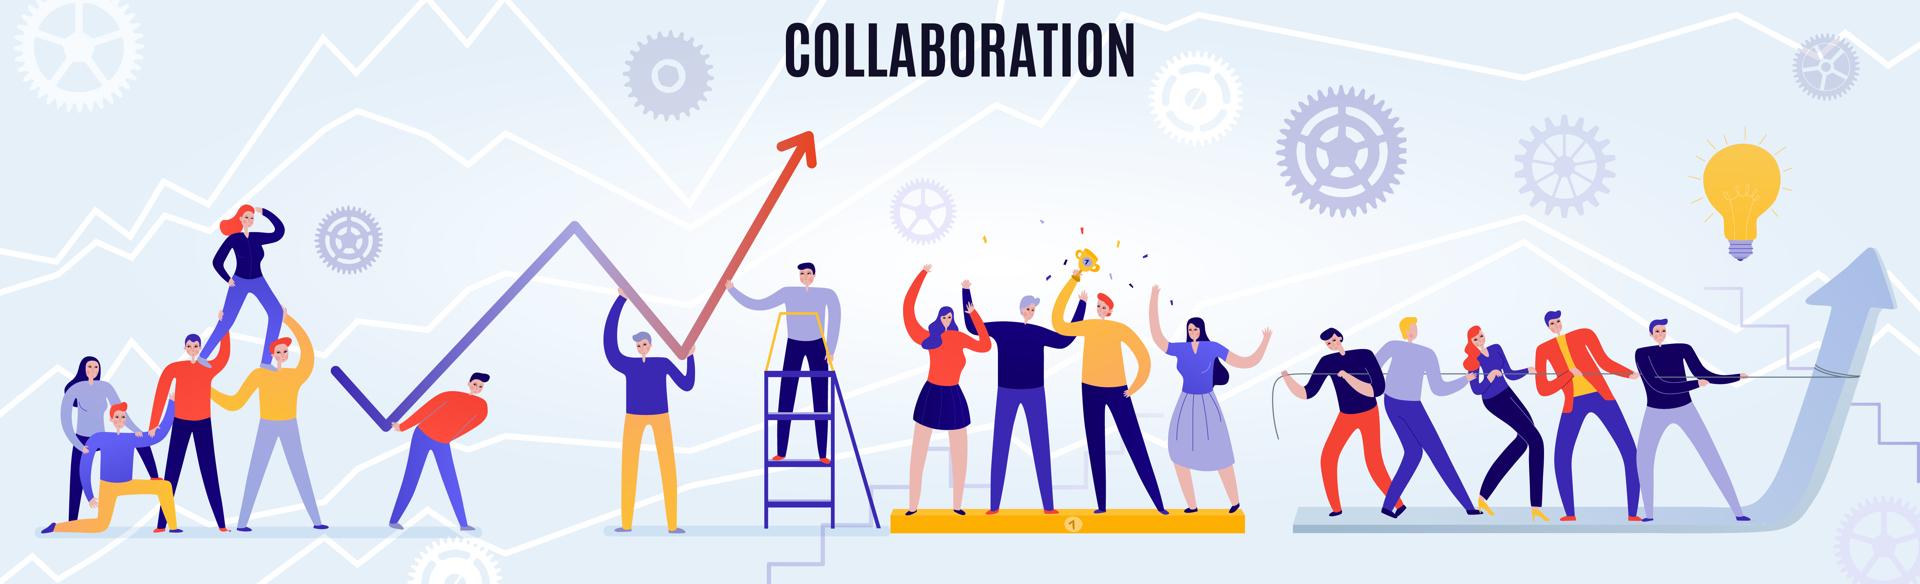 La collaboration est une des valeurs essentielles de l'agence de sites web Sempleo